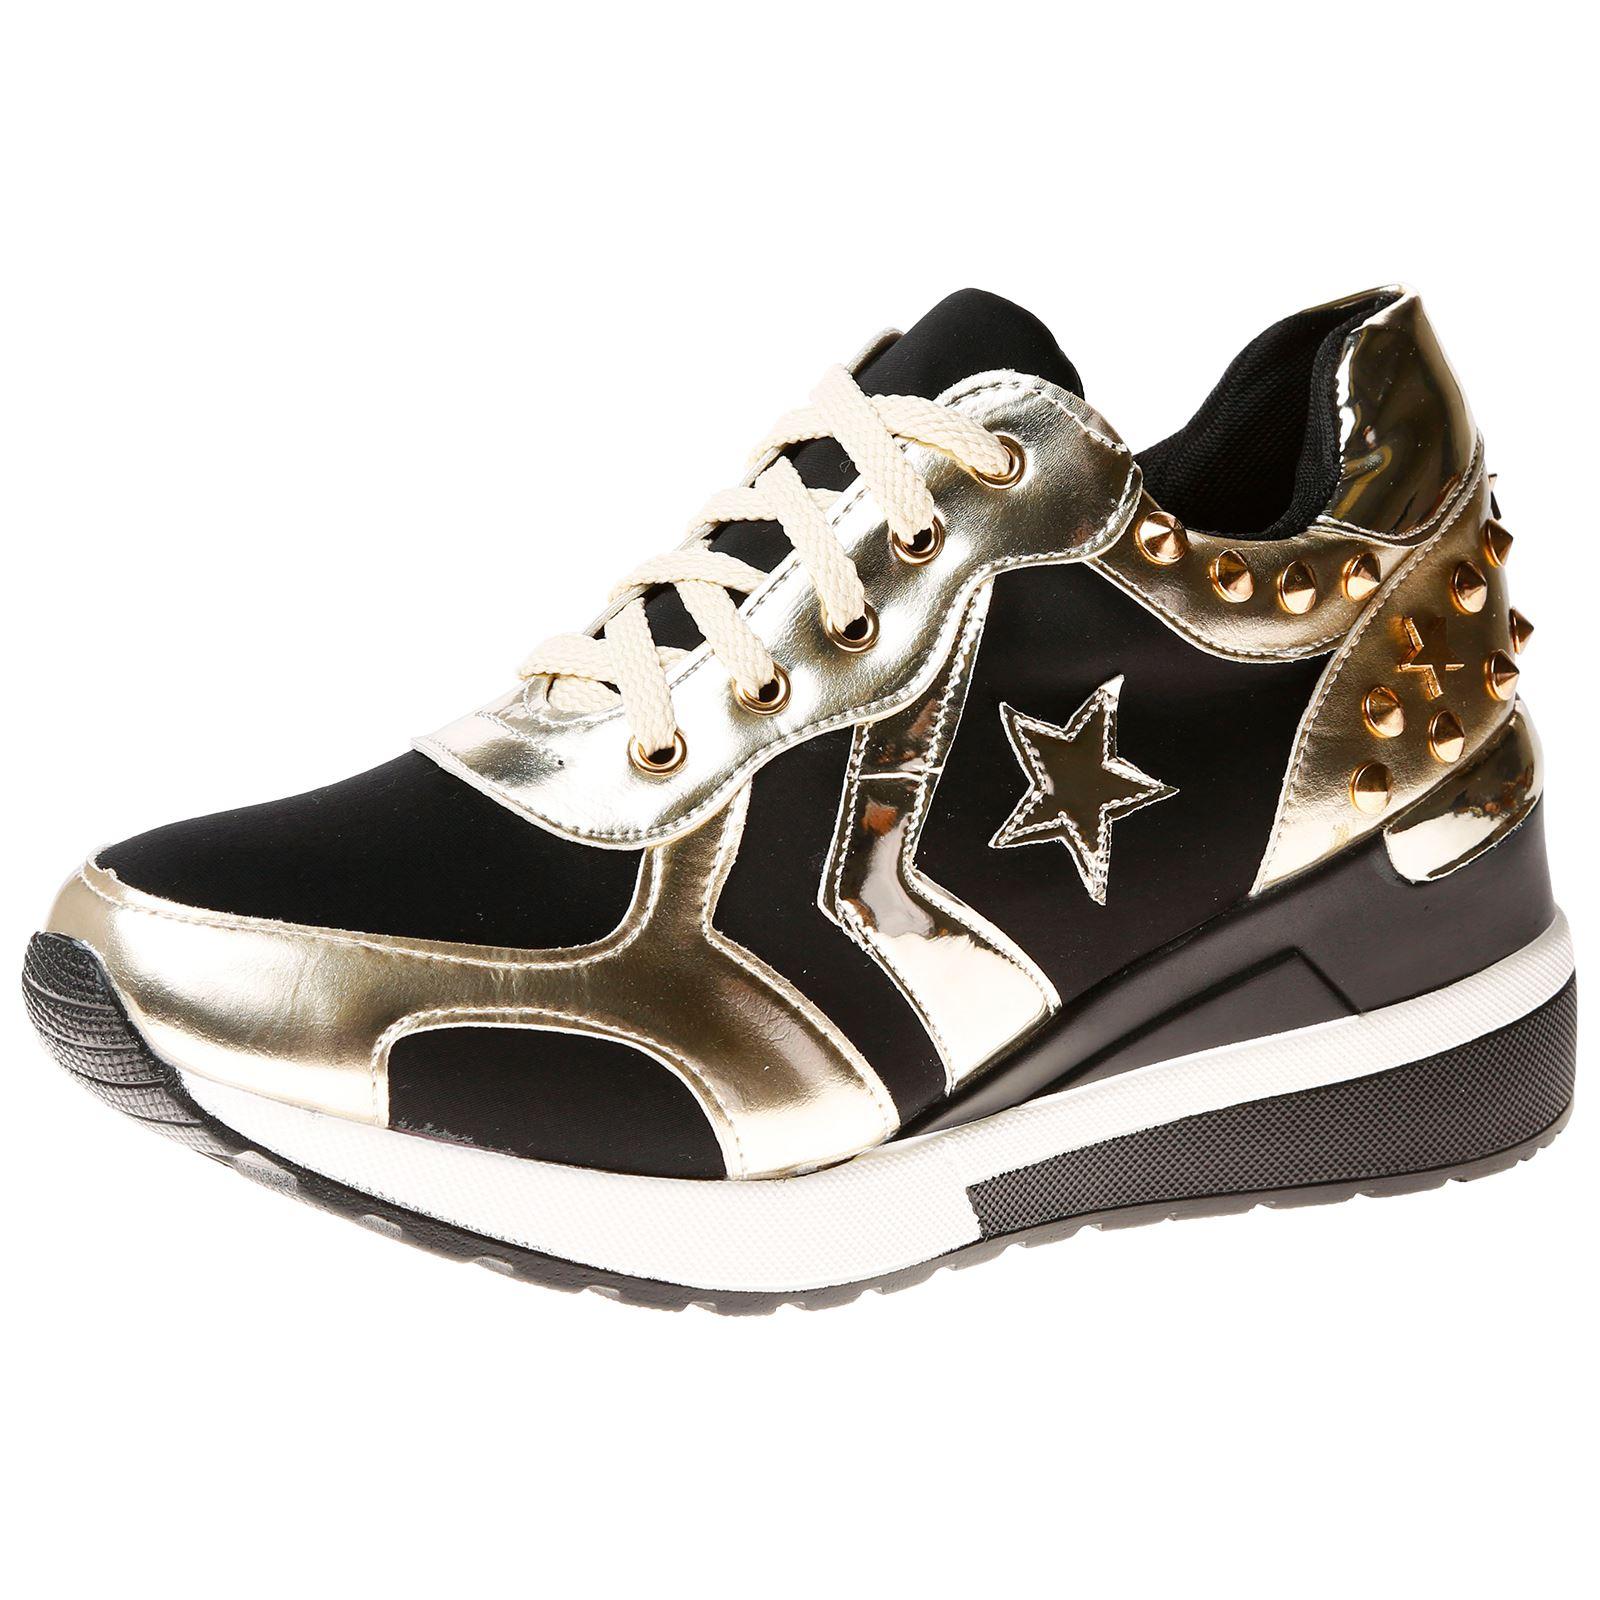 Mujer Zapatos Zapatillas de las bombas de las Señoras Zapatillas tachuelas estrella cuñas grueso tamaño NUEVO